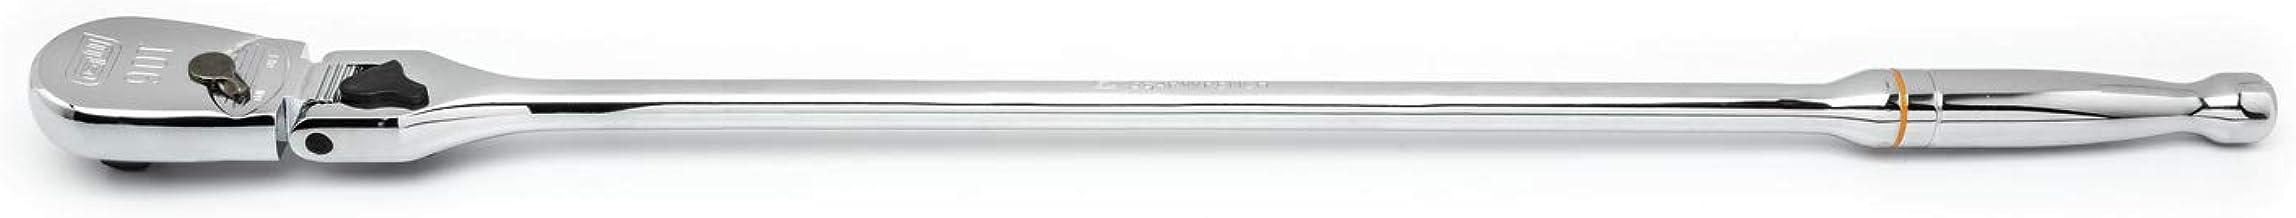 مفتاح ربط أدوات يدوية للسيارات 81363T من GEARWRENCH ، متعدد الألوان، مقاس واحد